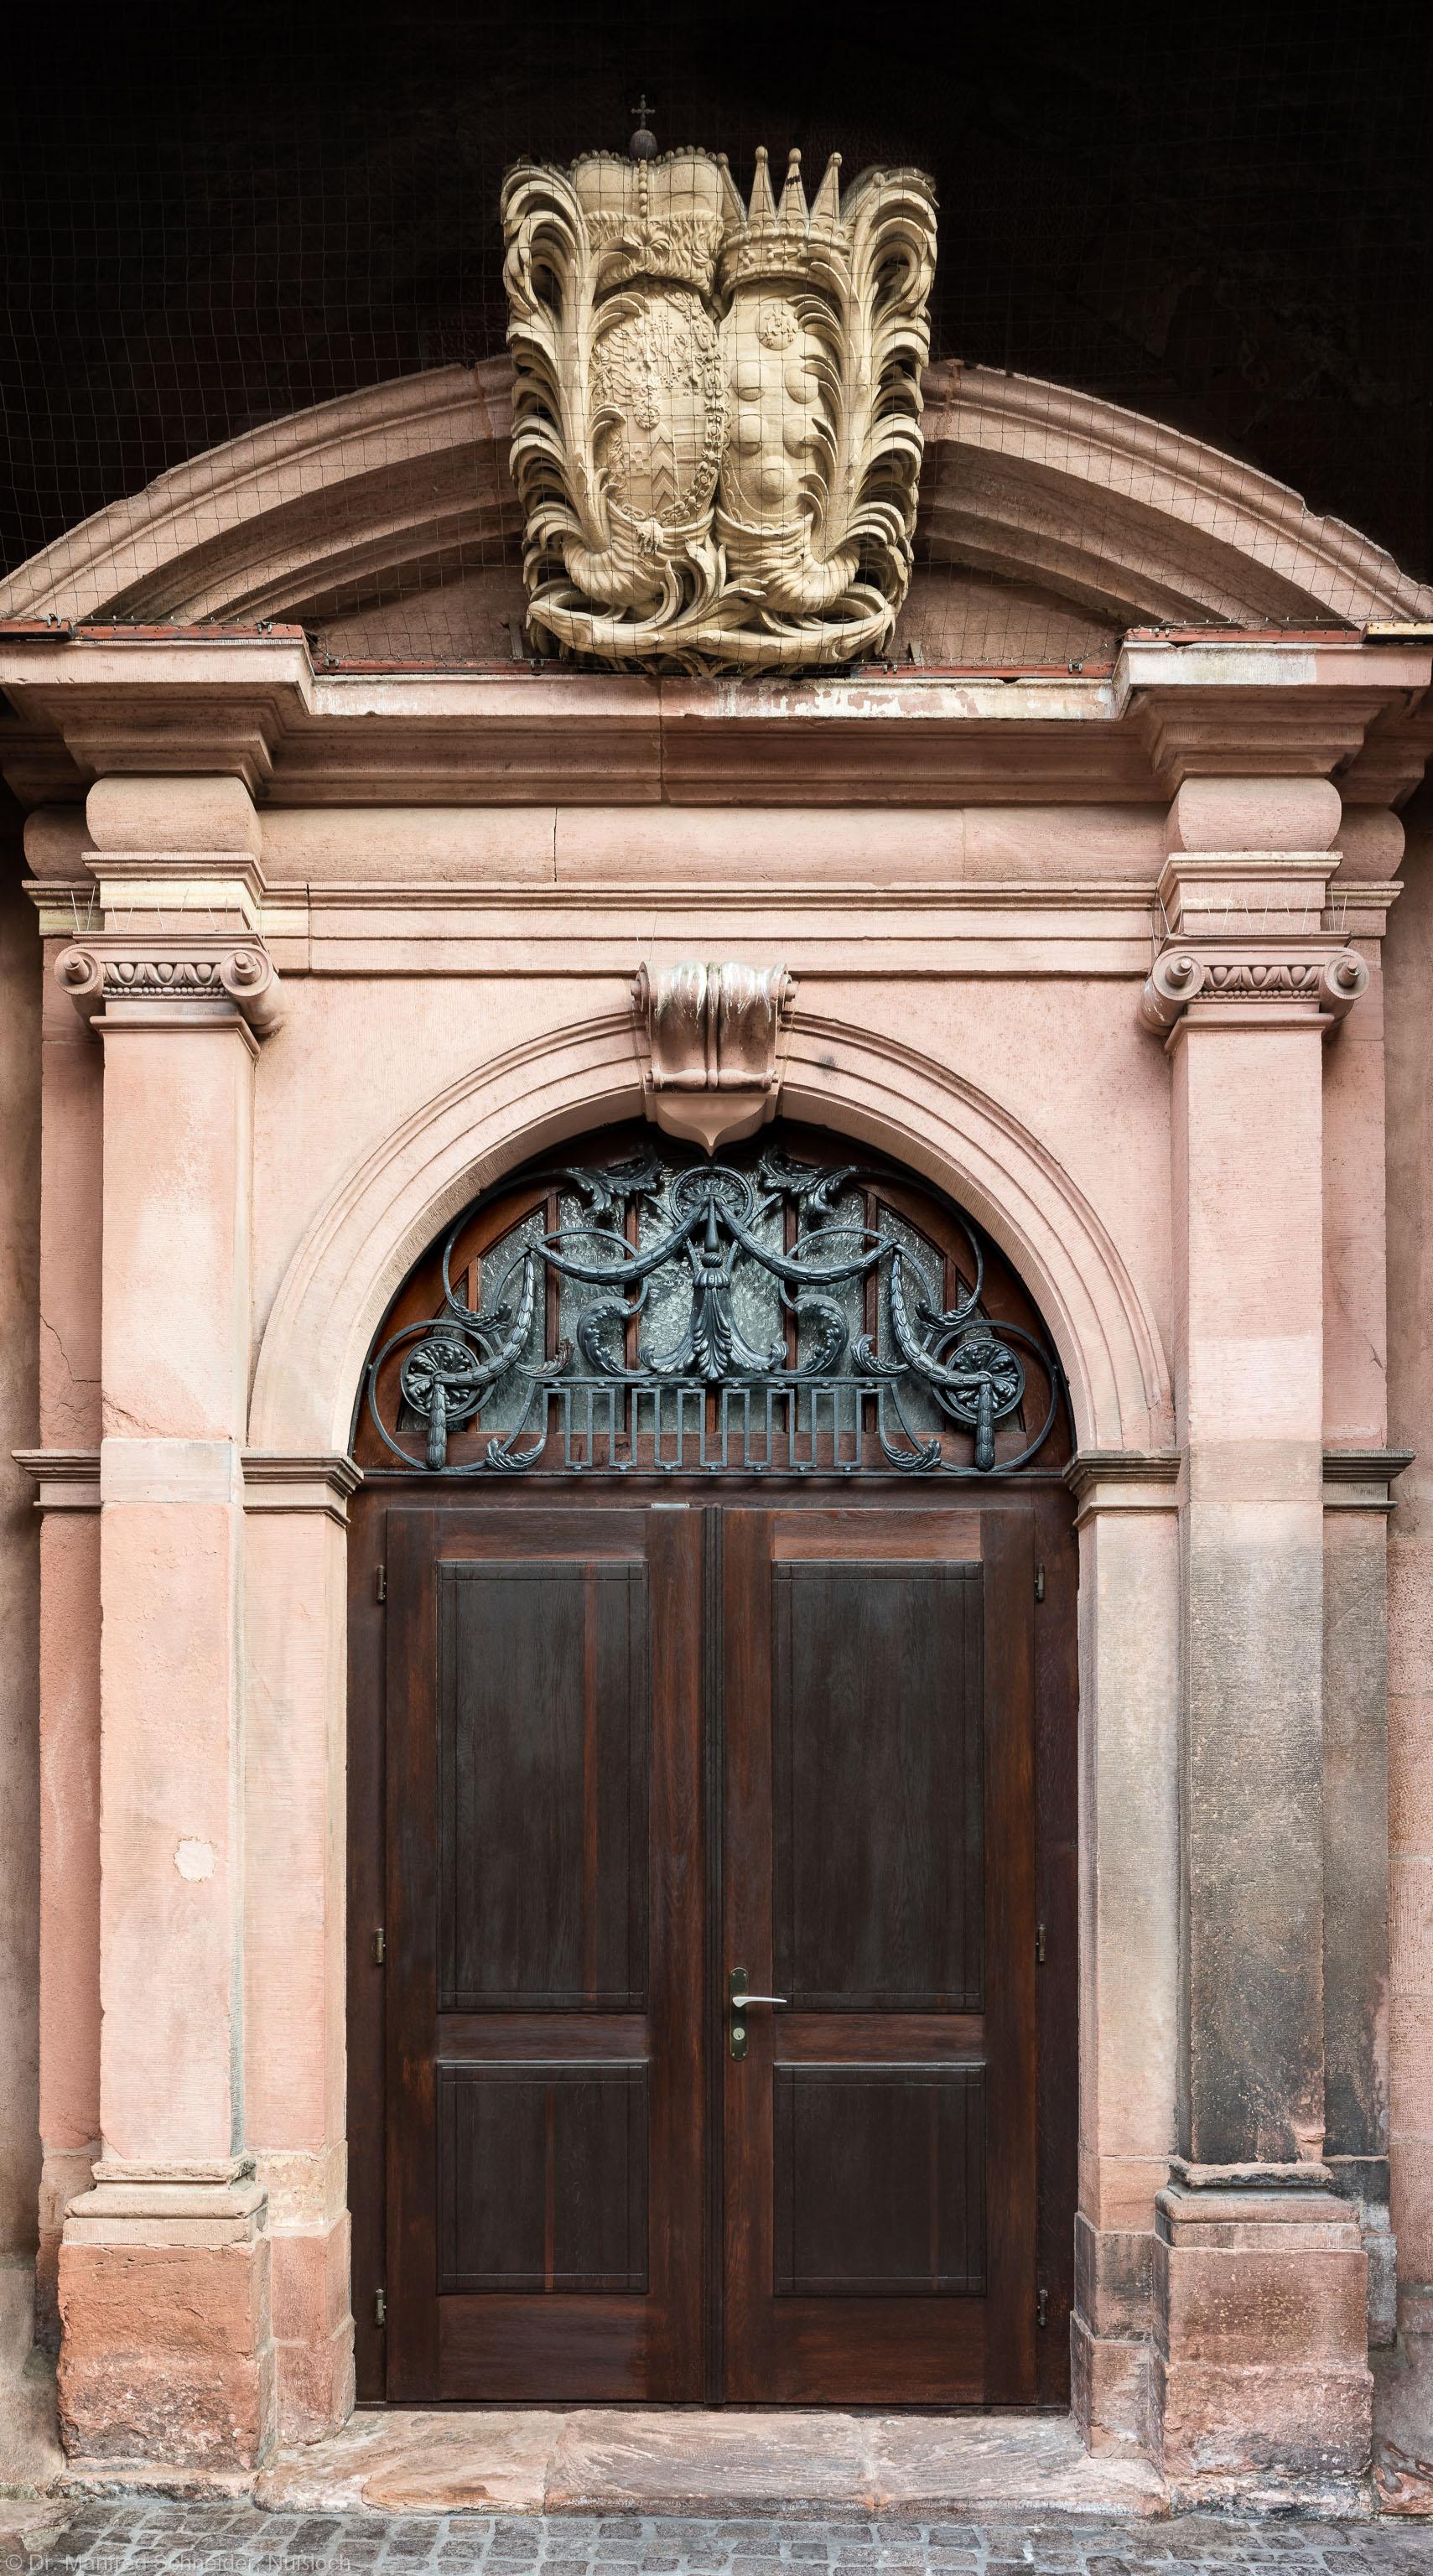 Heidelberg - Heiliggeistkirche - Südseite - Mittleres Südportal - Blick auf das gesamte Portal (aufgenommen im Oktober 2015, am Vormittag)